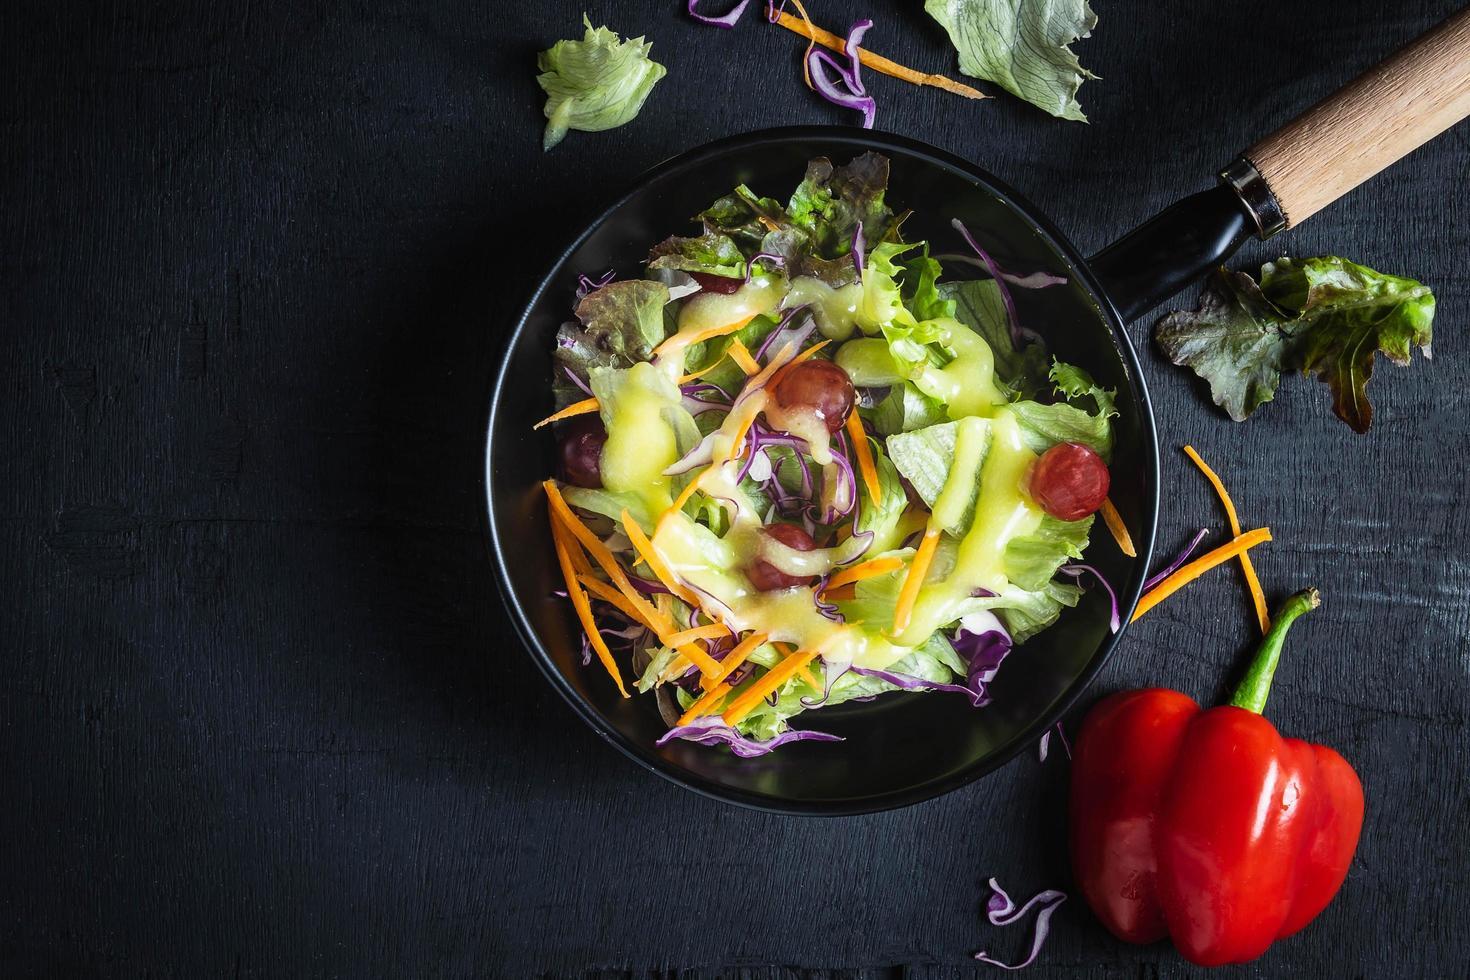 ensalada de verduras sobre fondo negro foto